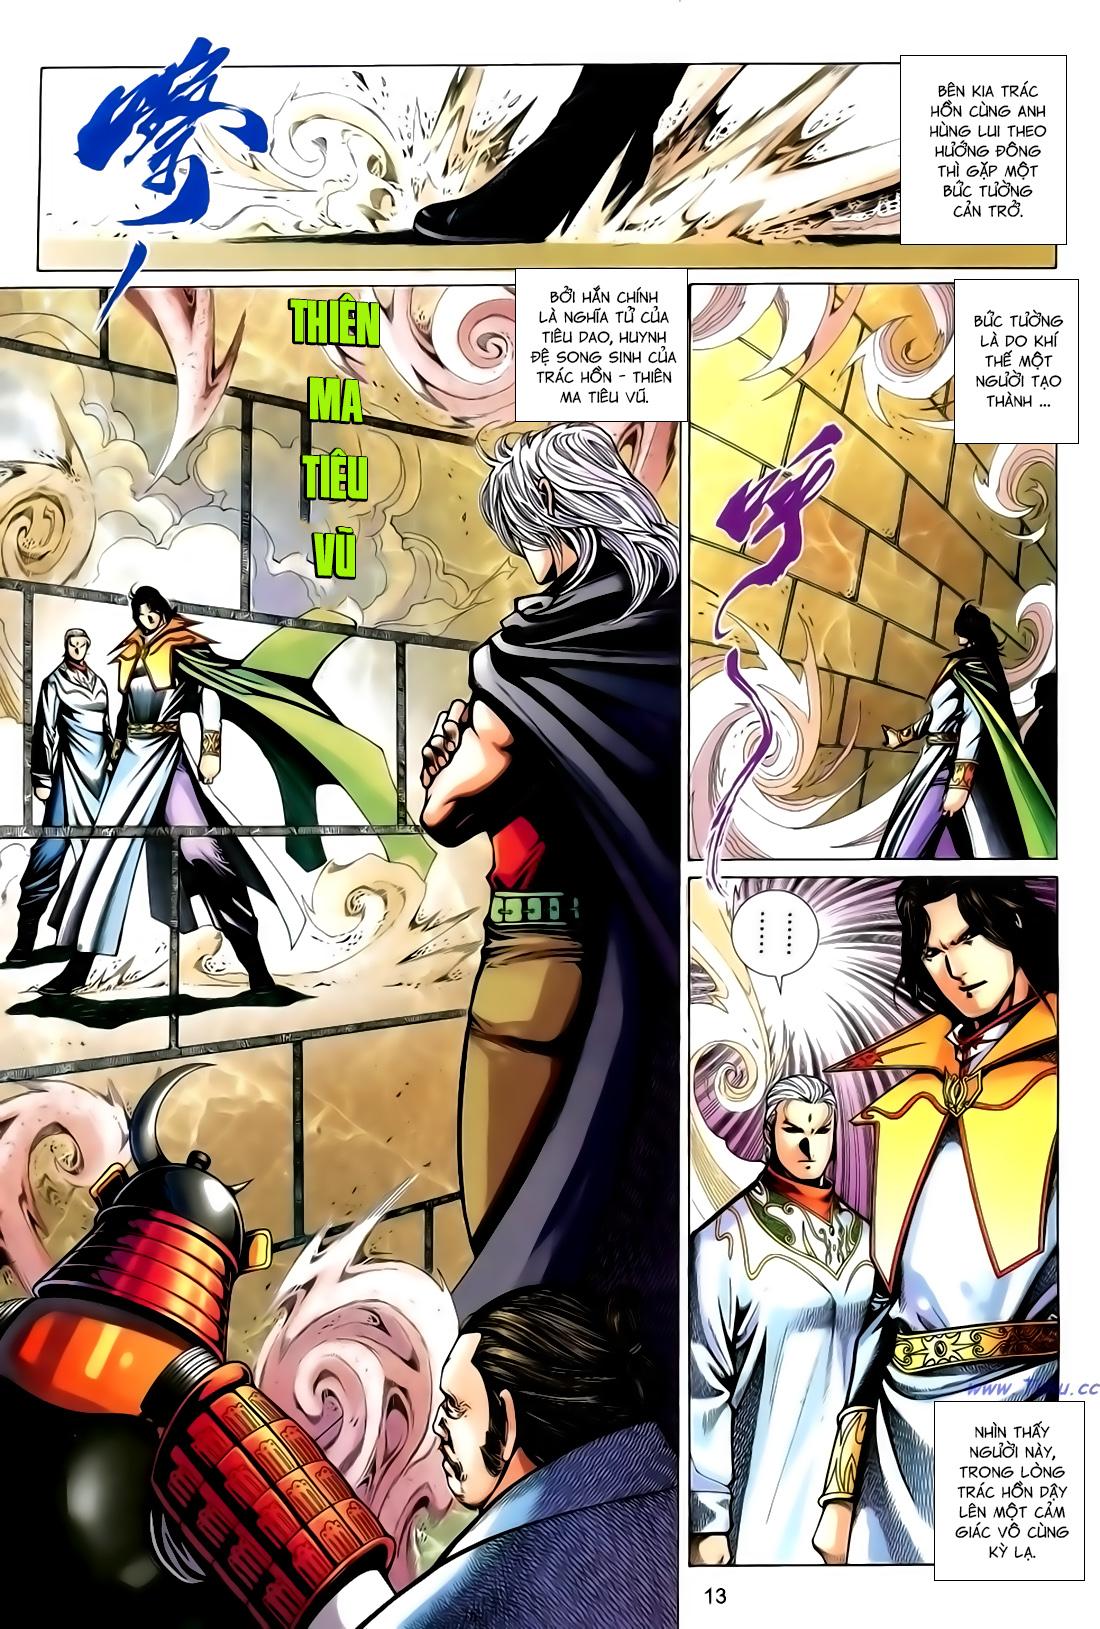 Anh Hùng Vô Lệ Chap 167 - Trang 13